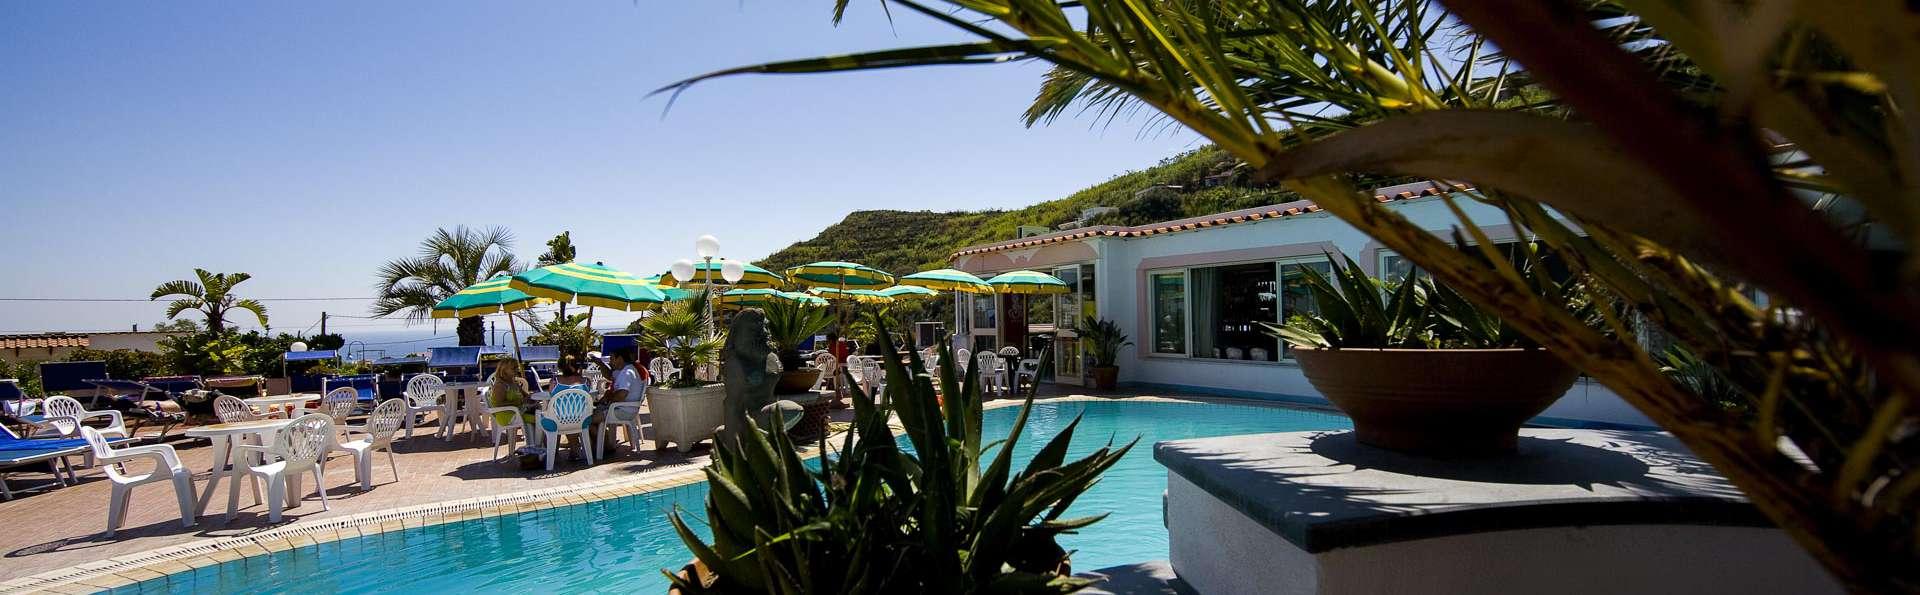 Offerta di benessere ad Ischia: due notti in mezza pensione e spa